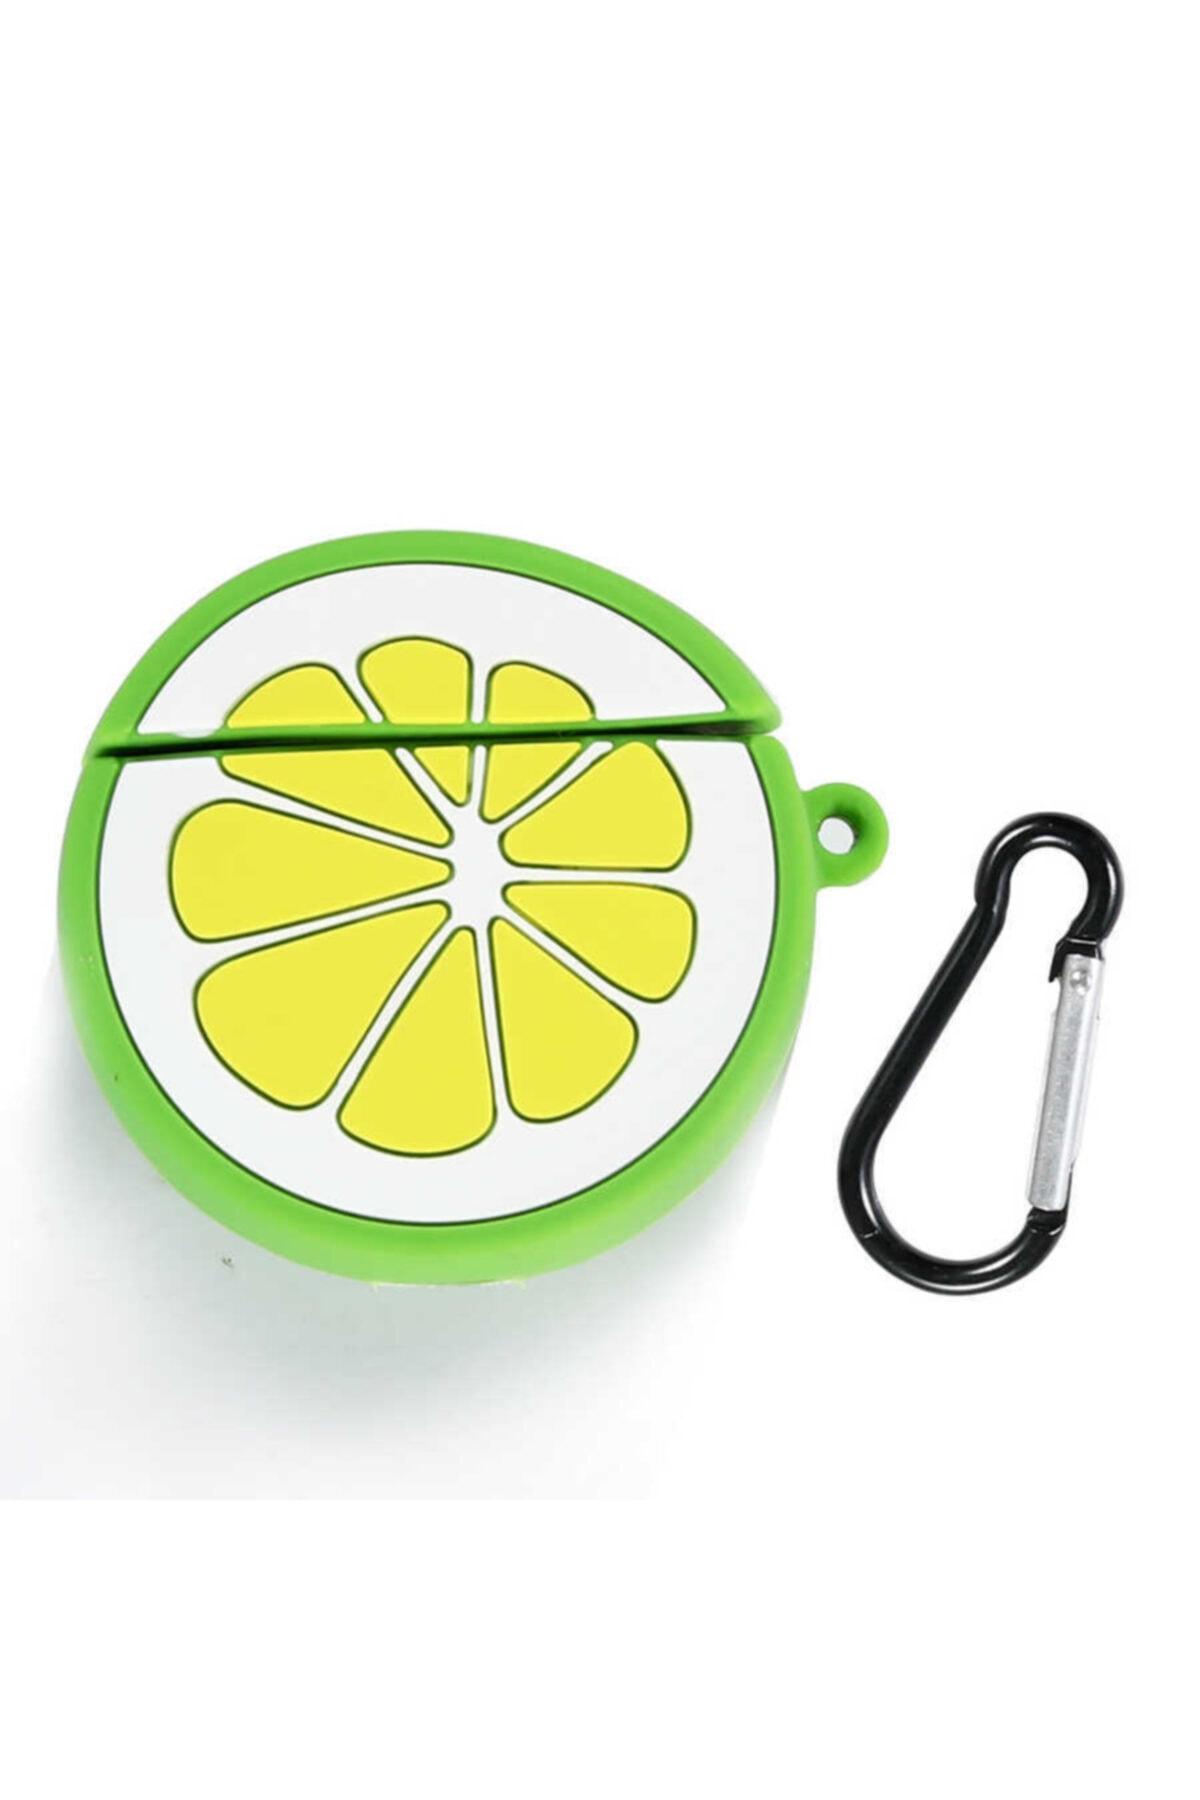 zore Silikon Lime Limon Askılı Korumalı Wireless Kablosuz Şarj Destekli  Airpods Kılıf 2